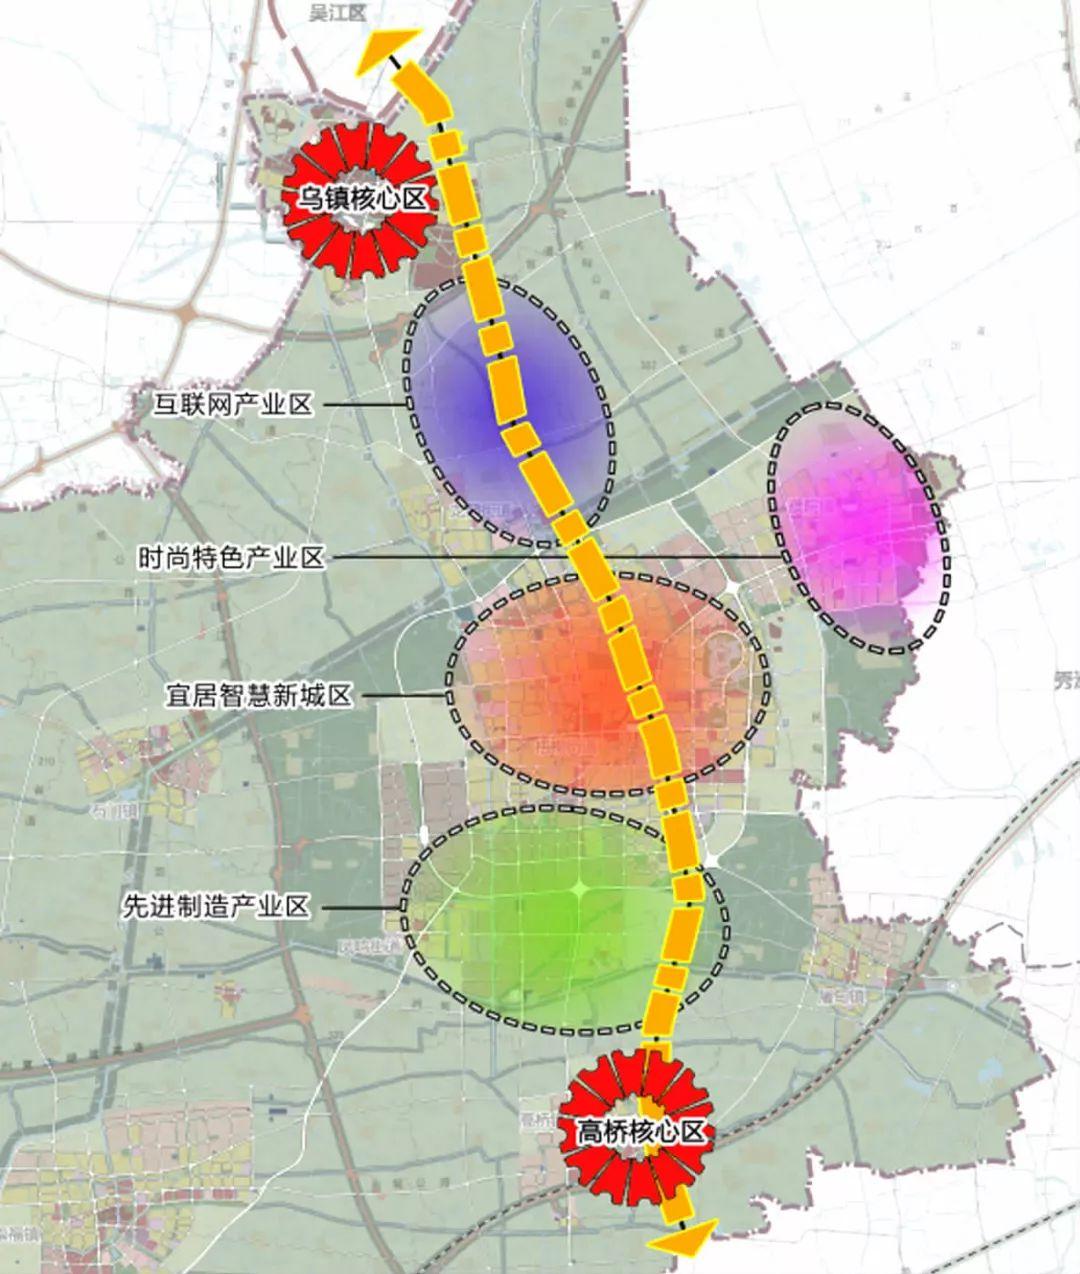 为全力打造数字经济新高地,桐乡规划了125平方公里的乌镇大道科创集聚图片